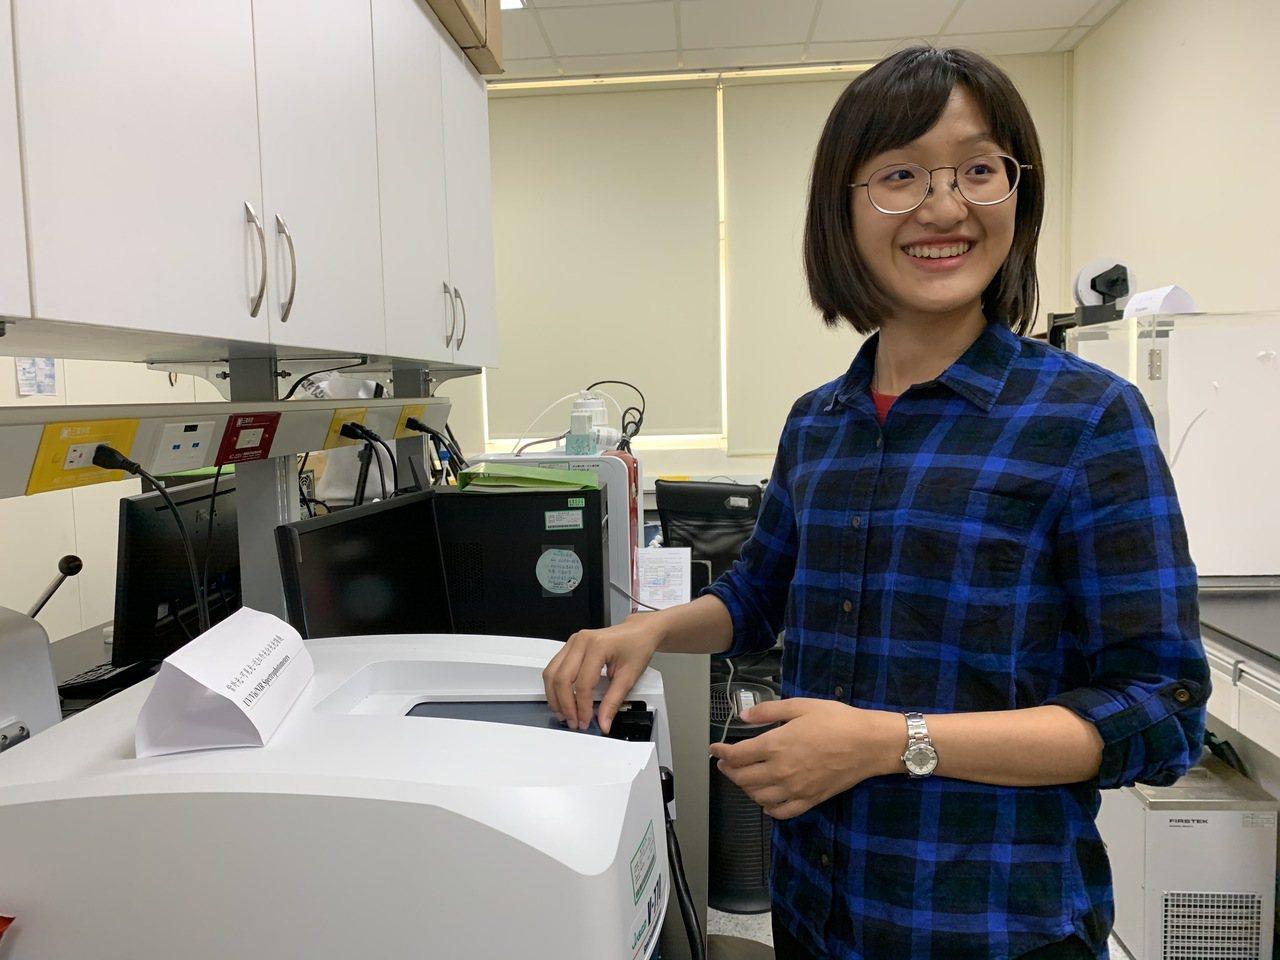 明年二月屏東大學碩士班學生黃靖雅也將遠赴西伯利亞交換學習一學期,從30度的熱帶台...